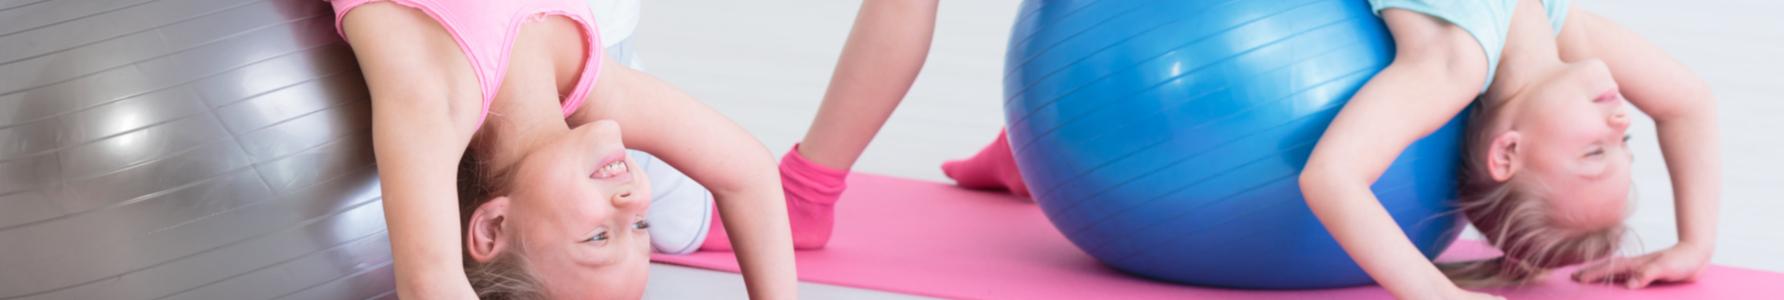 Rehabilitacja neurologiczna dziecka – kiedy warto ją zastosować?